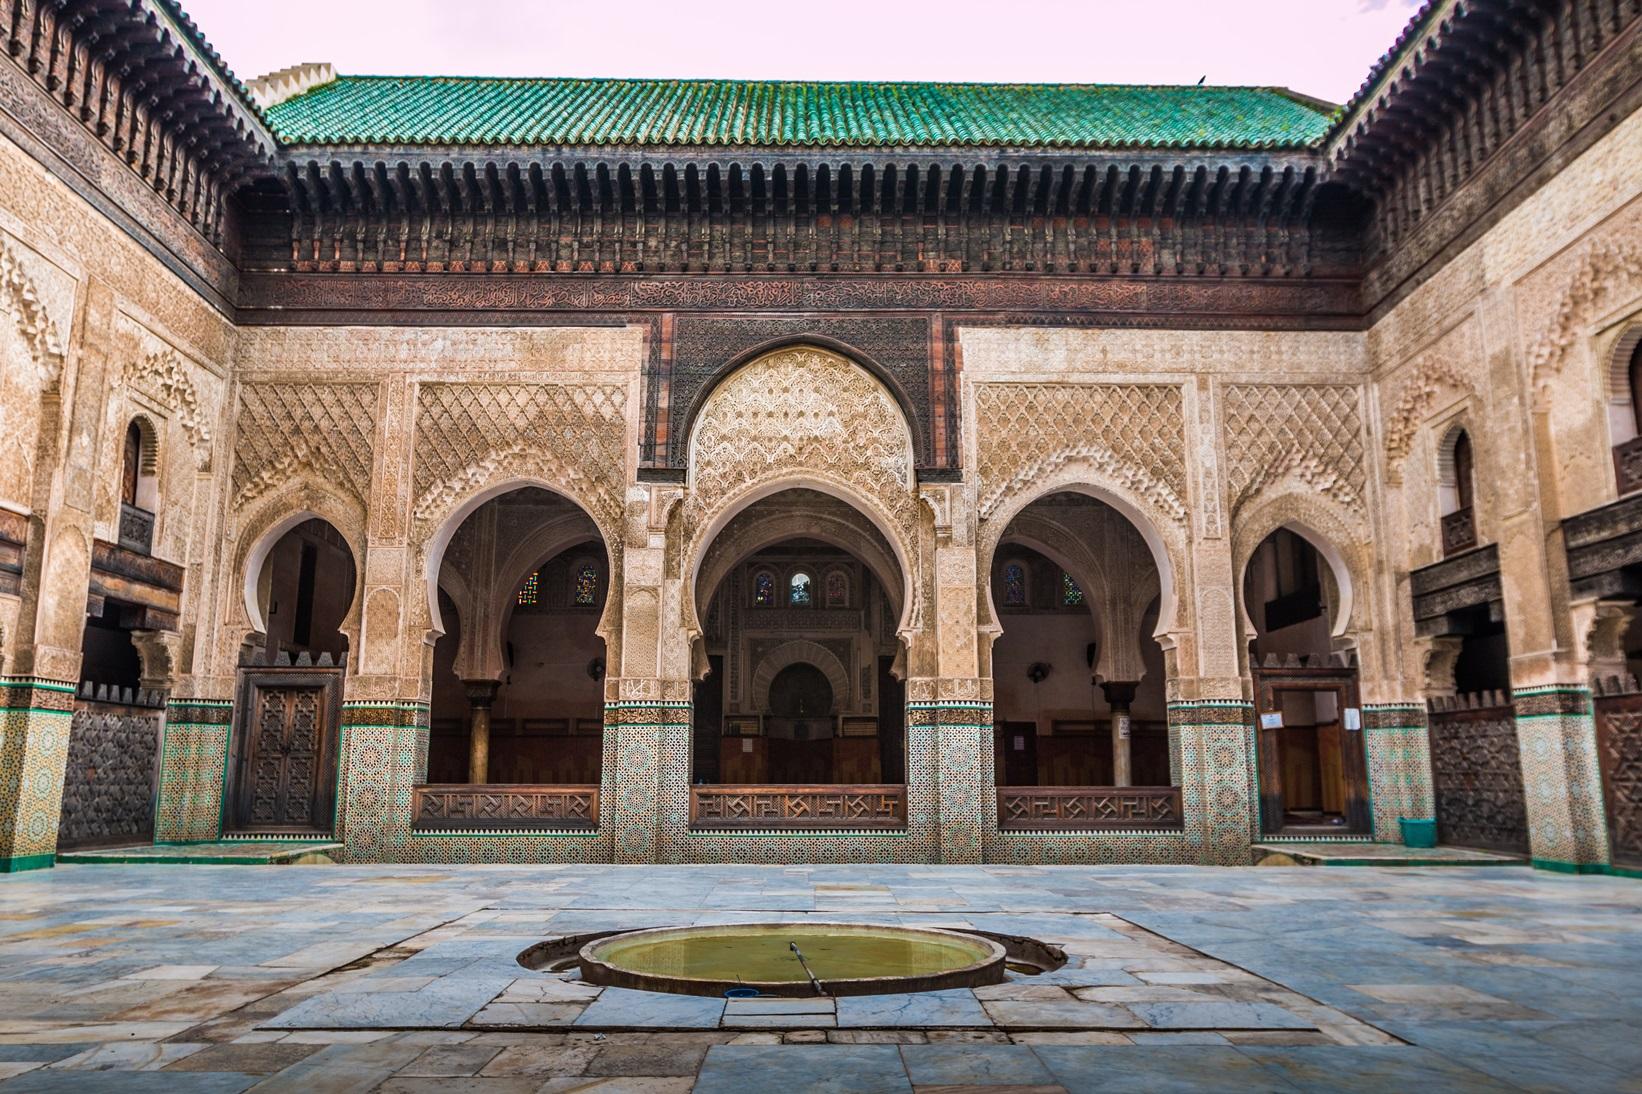 circuito-ciudades-imperiales-marruecos-fez